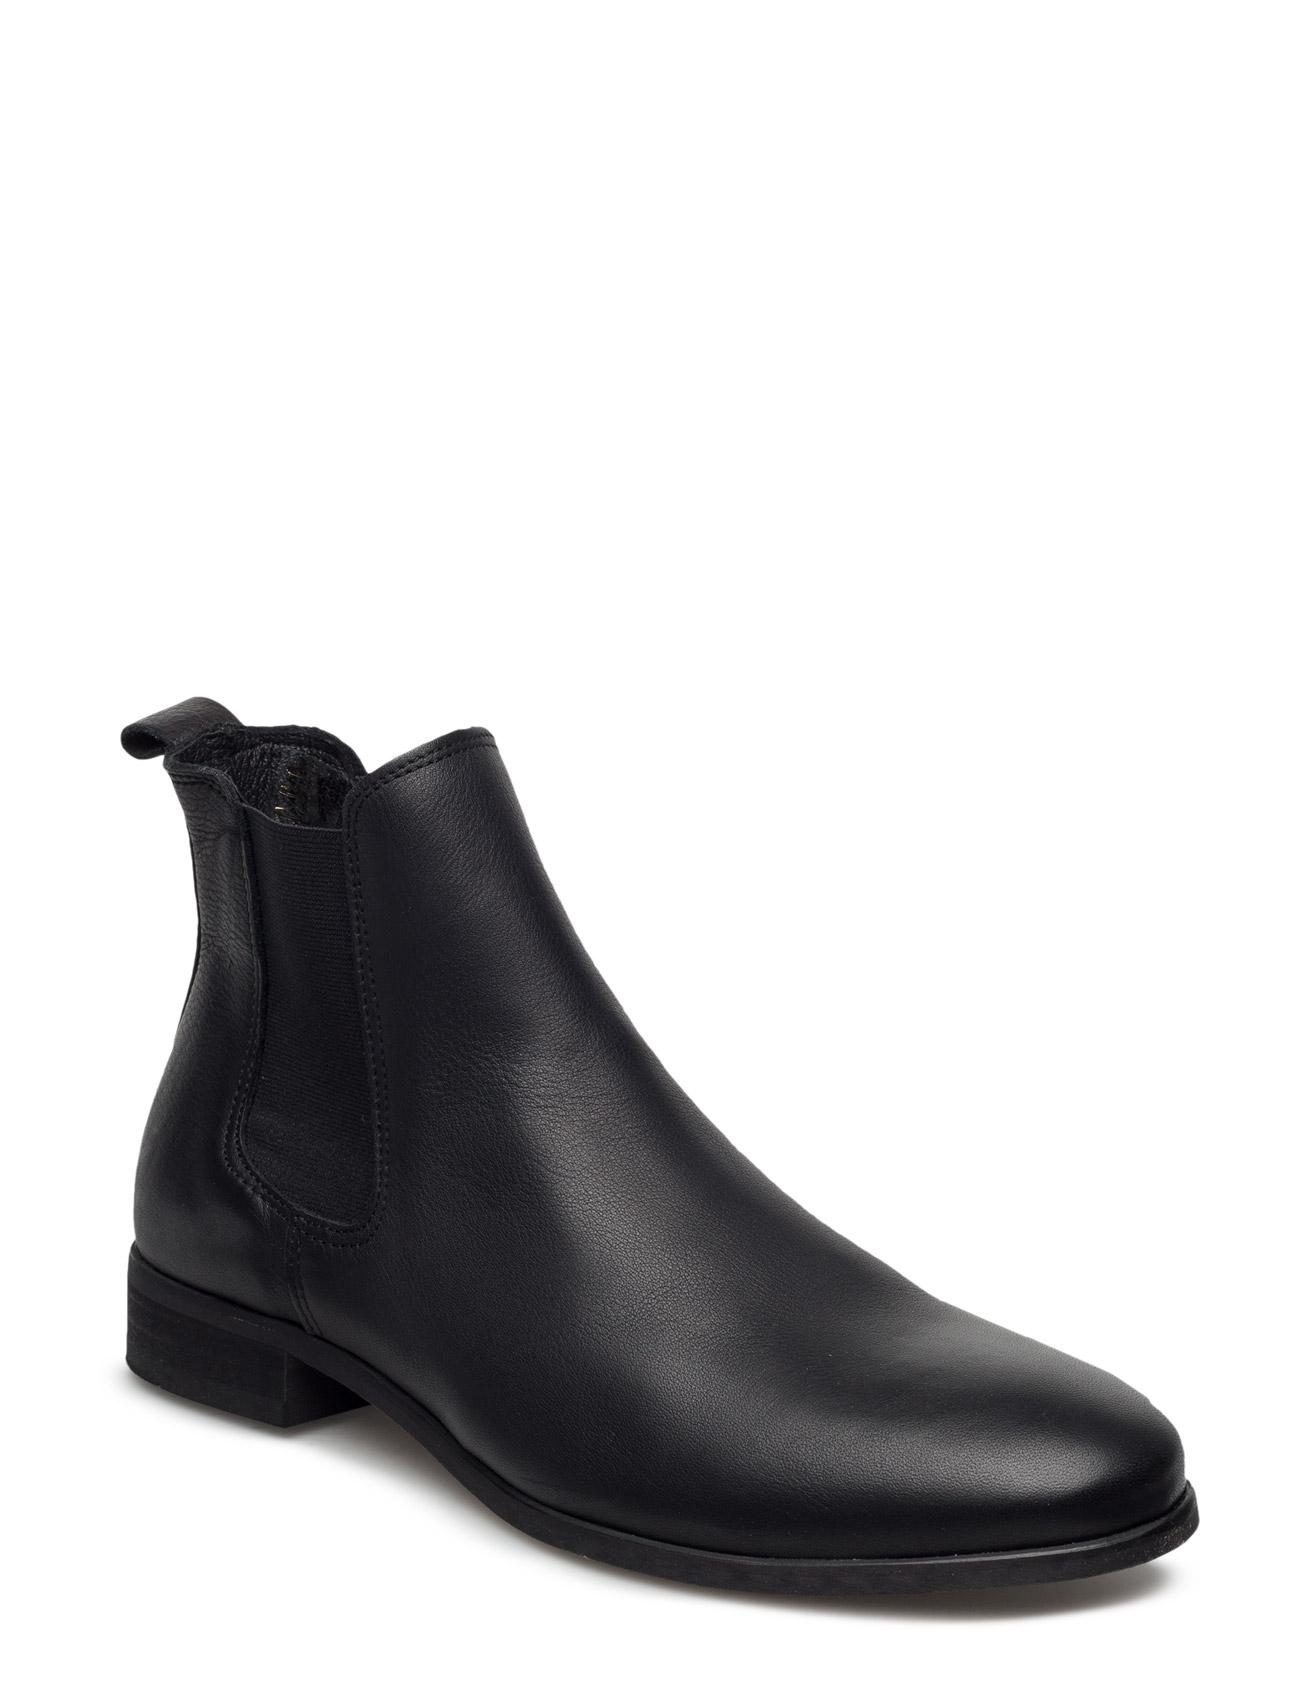 Stb1056 Shoe The Bear Støvler til Mænd i Sort